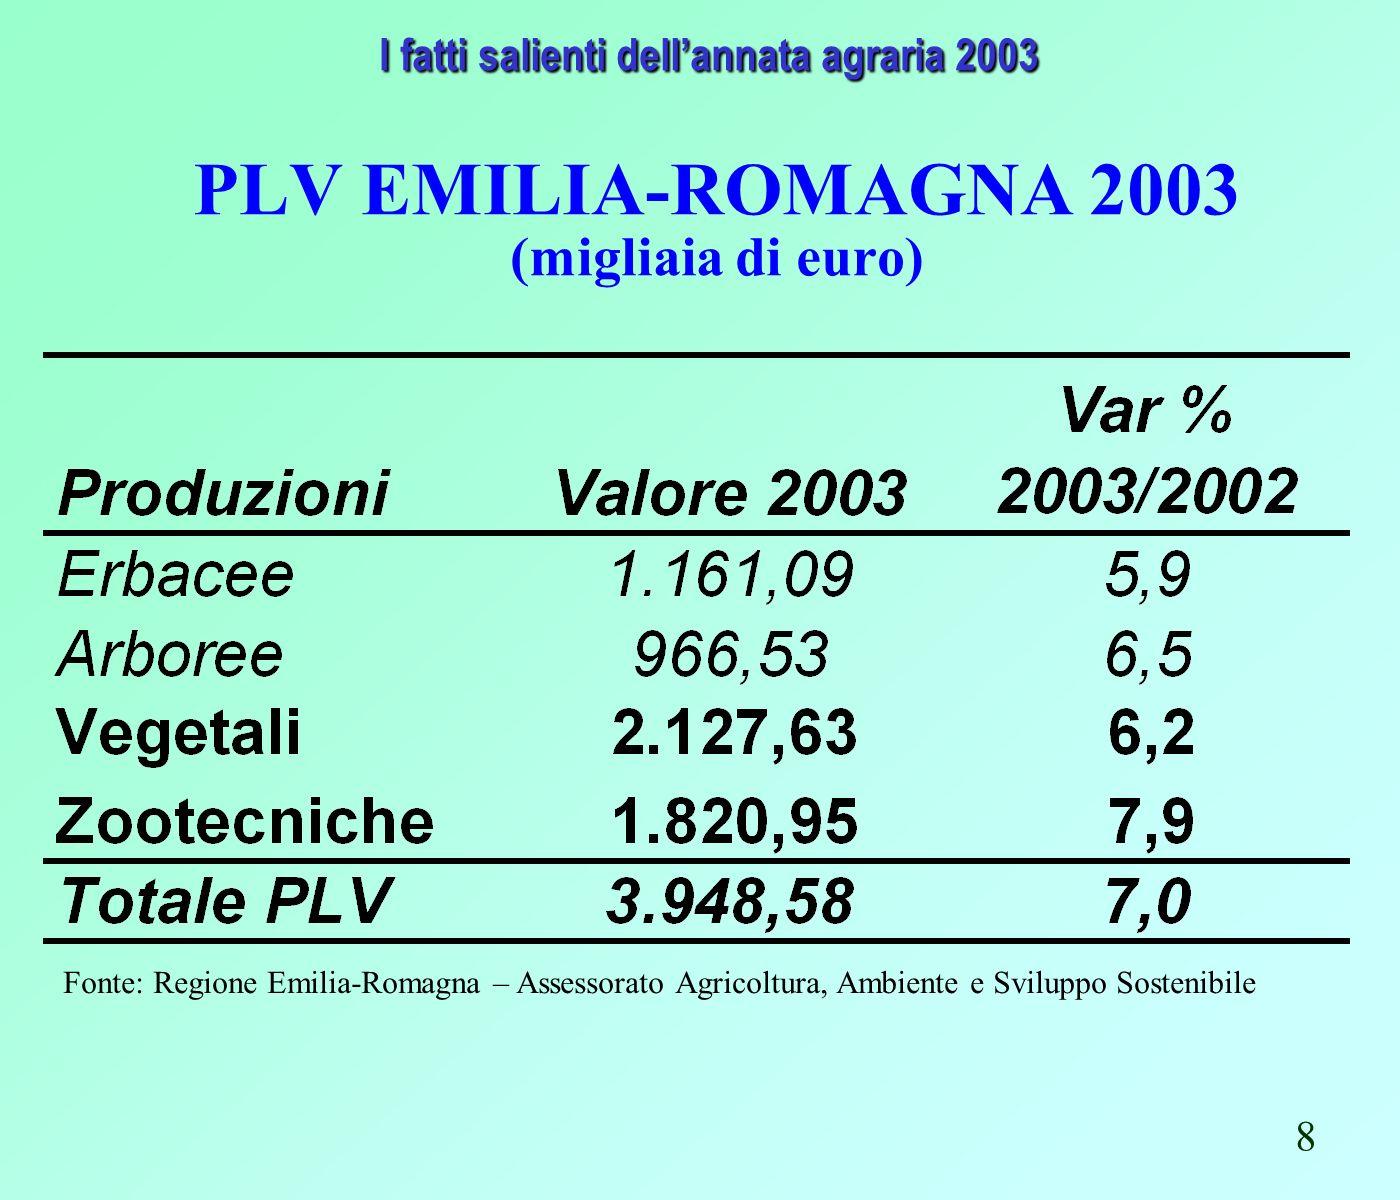 PLV EMILIA-ROMAGNA 2003 (migliaia di euro) Fonte: Regione Emilia-Romagna – Assessorato Agricoltura, Ambiente e Sviluppo Sostenibile I fatti salienti dellannata agraria 2003 I fatti salienti dellannata agraria 2003 8